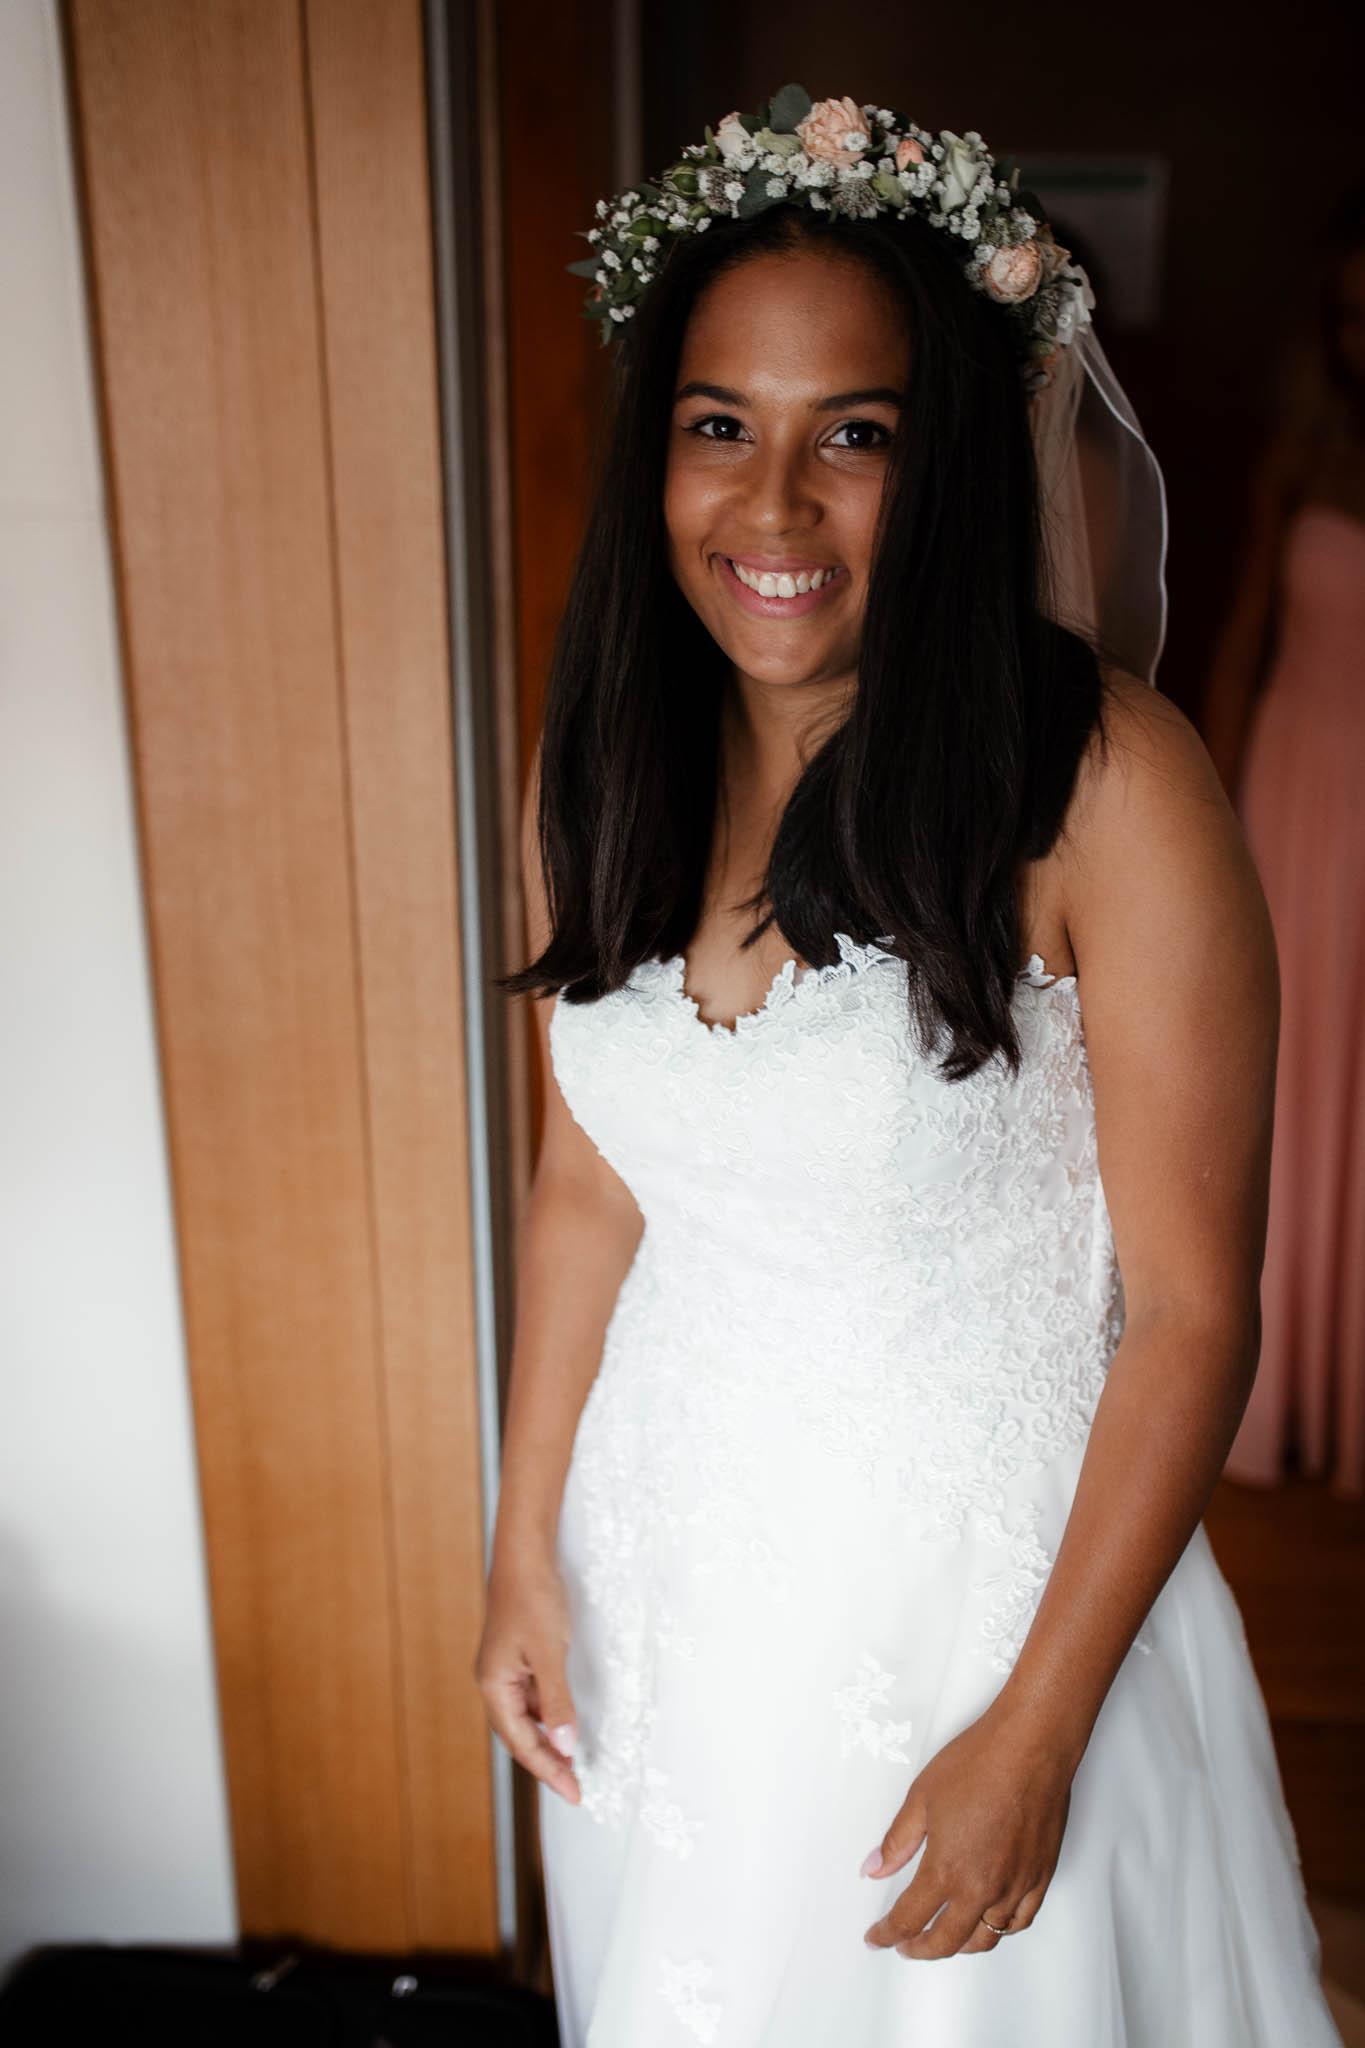 Als Hochzeitsfotograf in Deidesheim: Freie Trauung von Raquel & Philipp 21